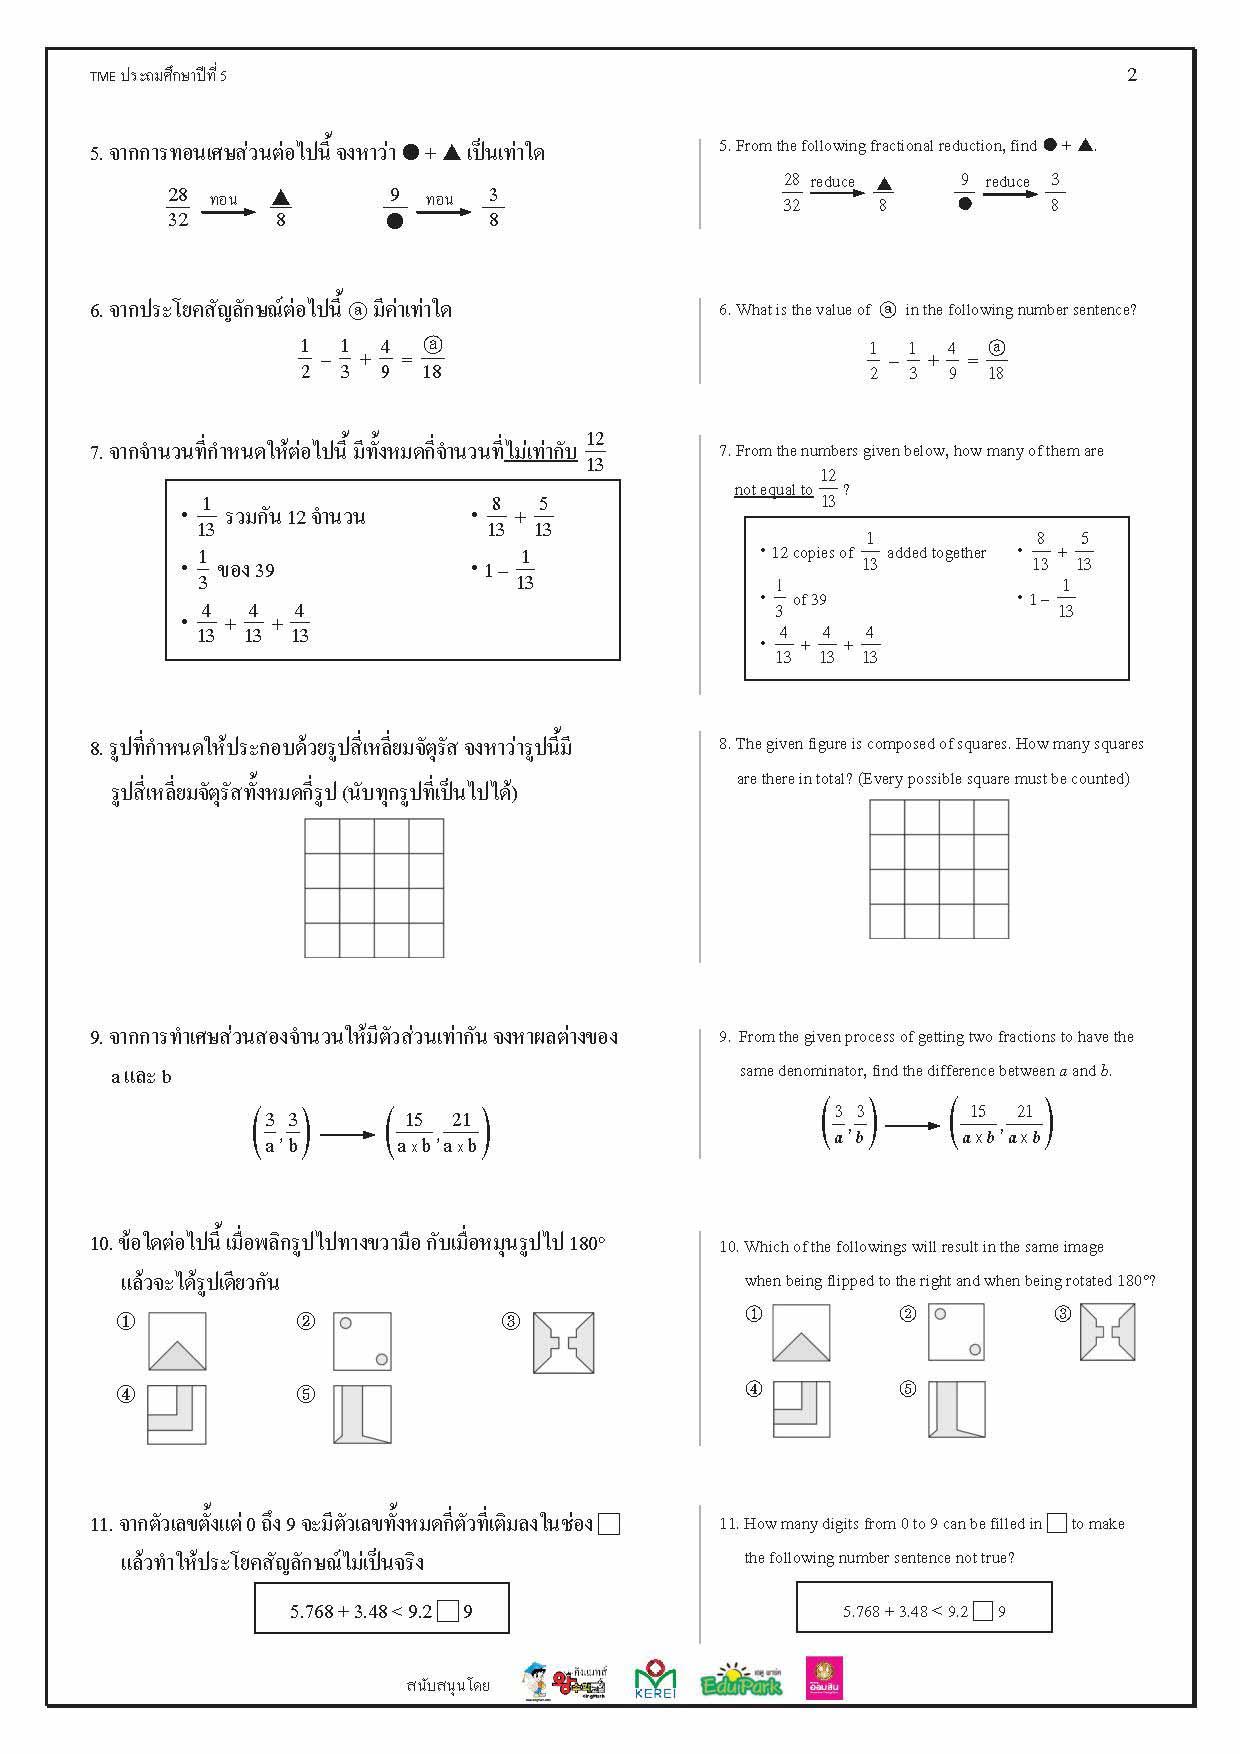 แบบทดสอบประเมินความสามารถในการแก้ปัญหาทางคณิตศาสตร์ ป.5 ปี 2556  สำหรับผู้ที่กำลังจะสอบสามารถทดสอบฝีมือตนเองได้ที่นี่เลยจ้า